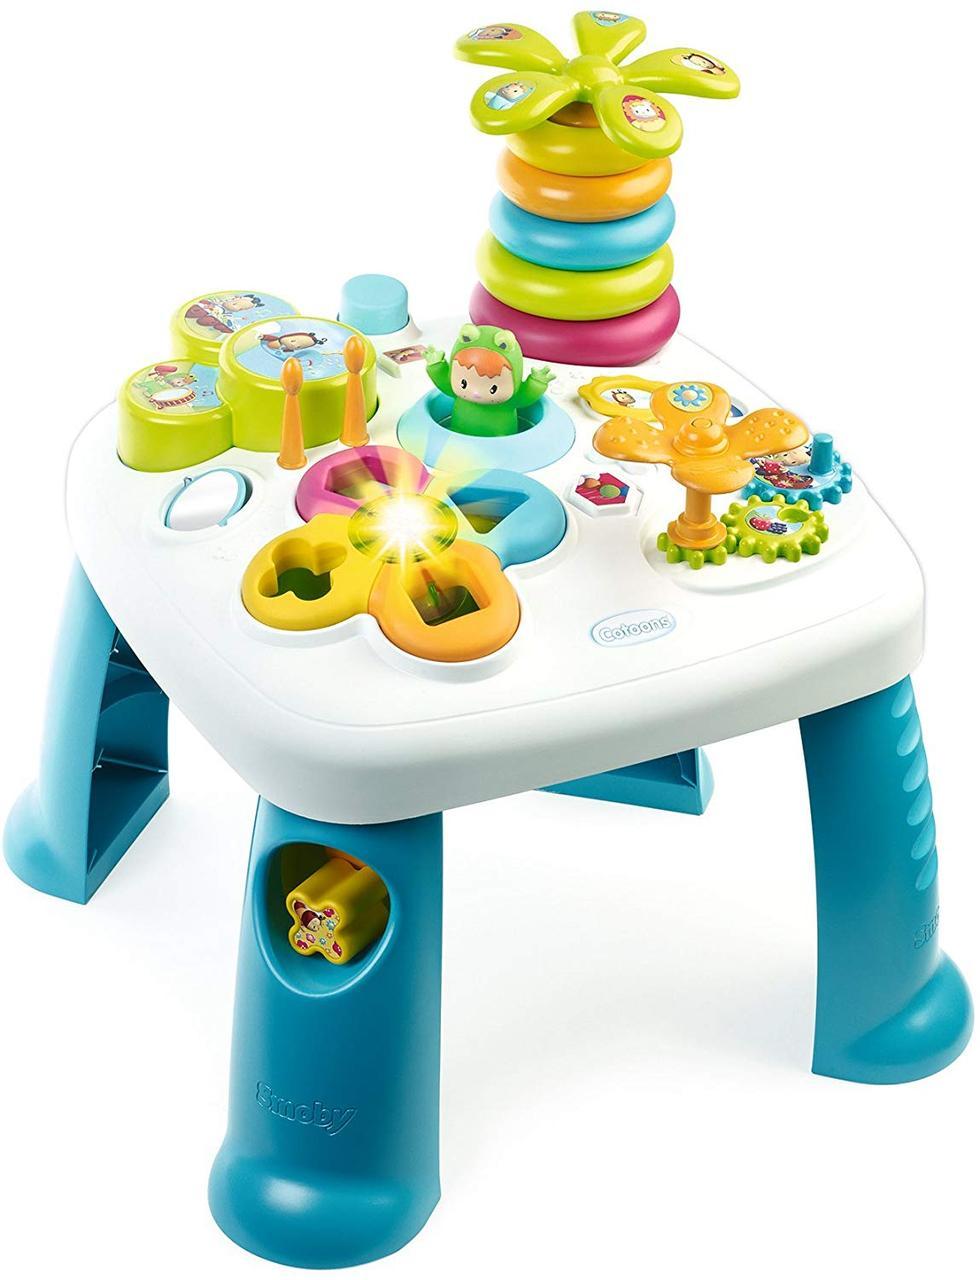 Детский игровой столик Цветочек со звуковыми и световыми эффектами сине-белый Smoby Cotoons